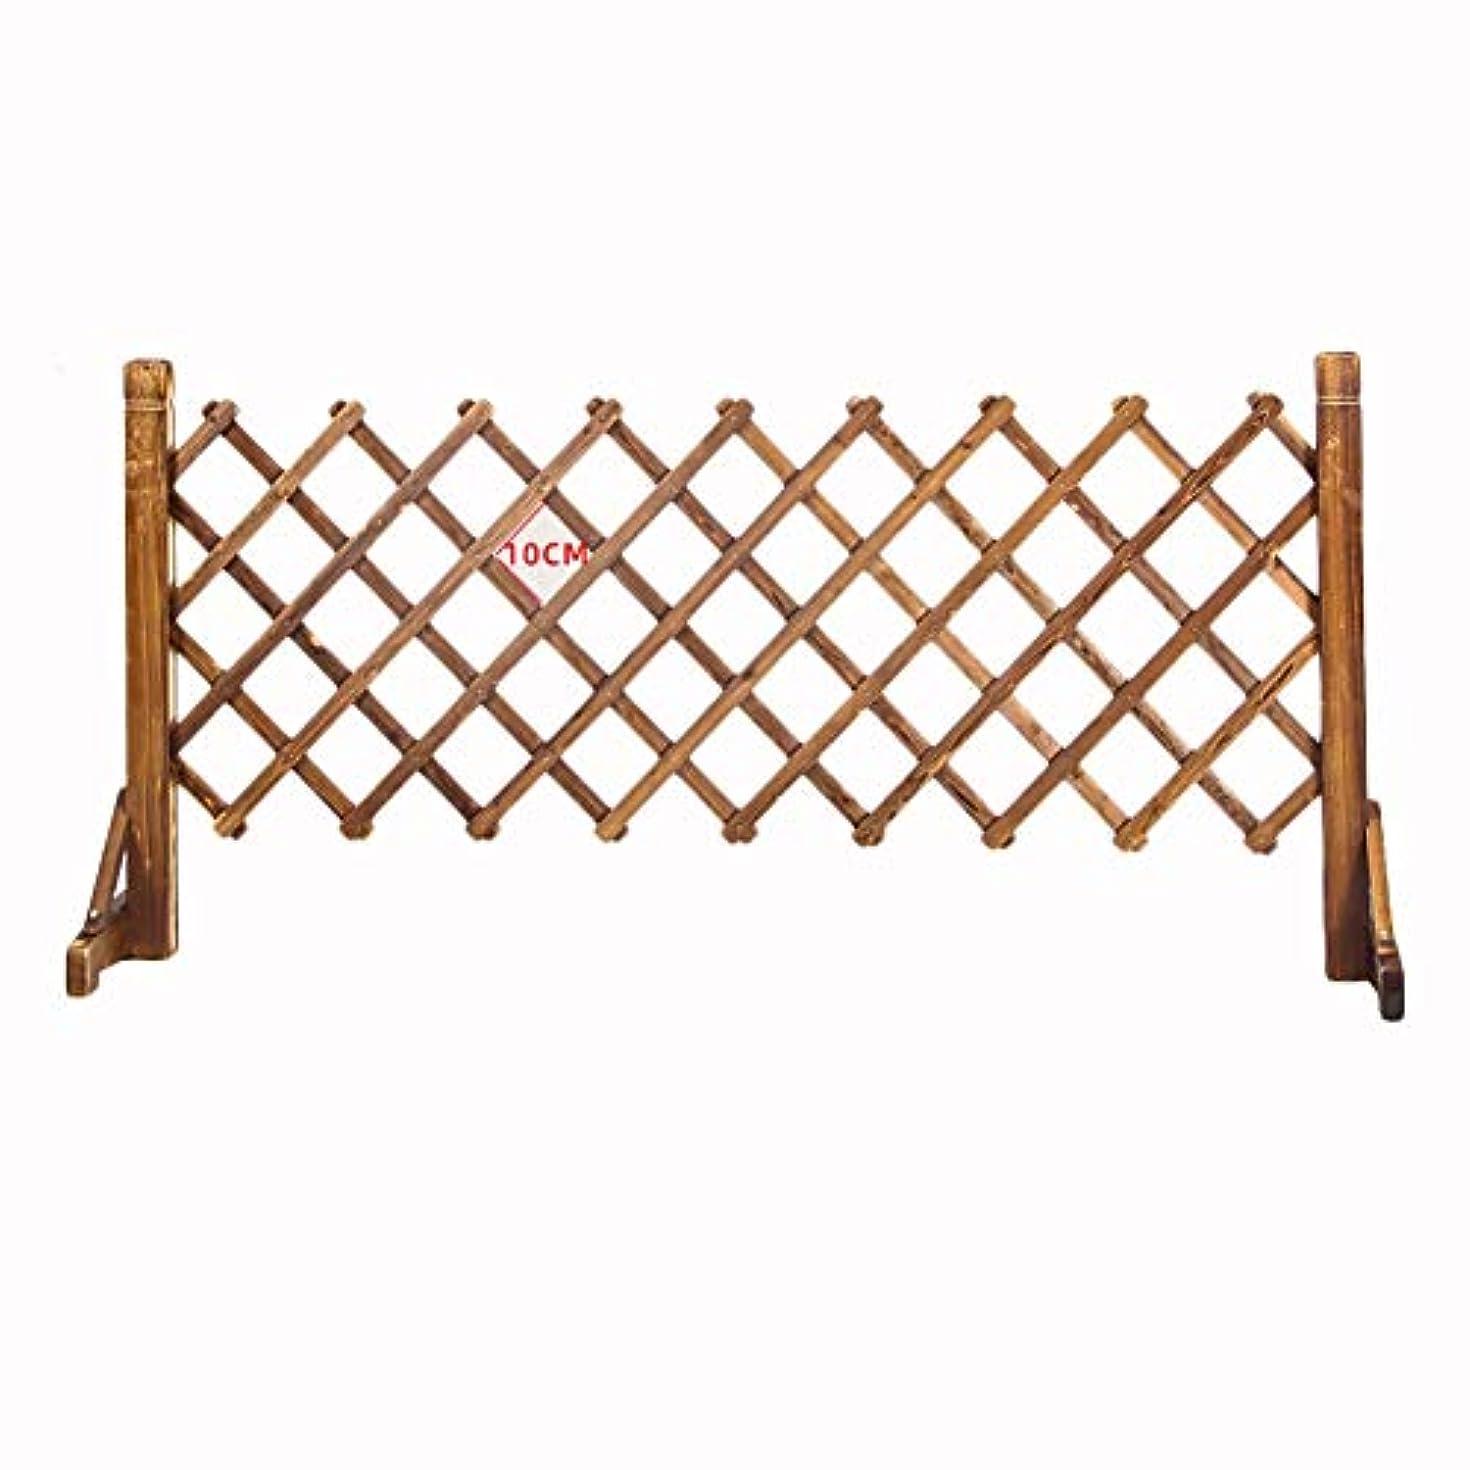 型タンパク質手順赤ちゃん ゲート ペットゲート木製のピケットフェンス、木製の犬折りたたみGateはパネルを拡大ガーデンパネル、折りたたみ可能な屋内屋外の無料立ち安全門ポータブル分離ペットセーフティバリアガード (Size : M)